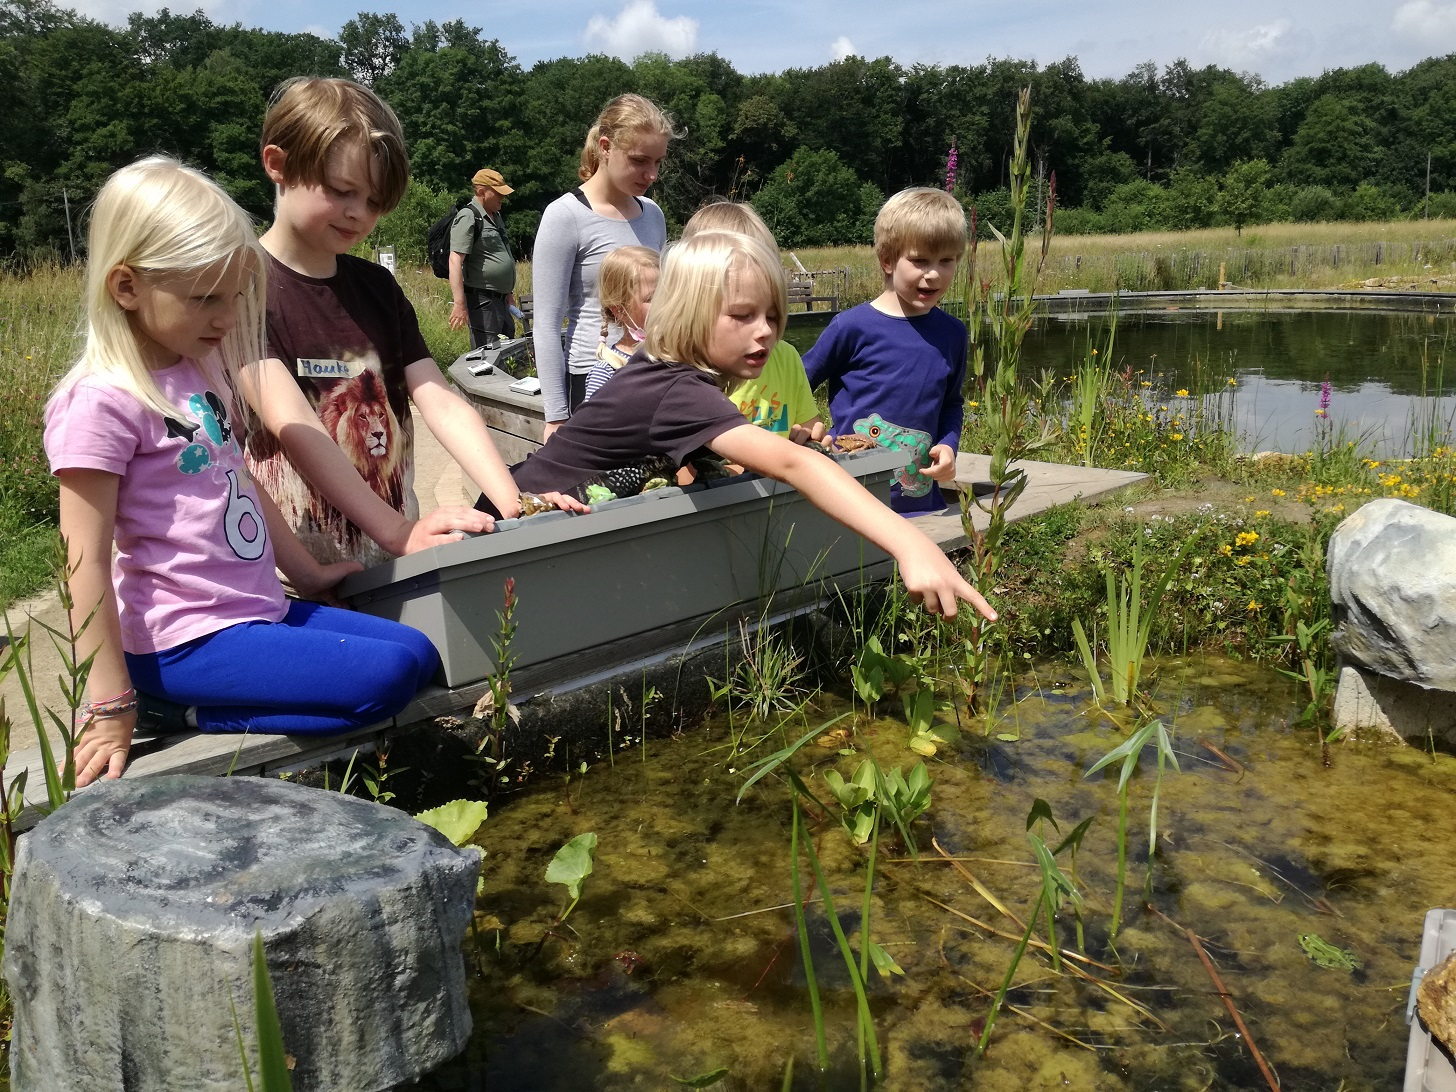 Kinder stehen uns sitzen an Hochteich und schauen ins Wasser, ein Junge zeigt auf einen Frosch